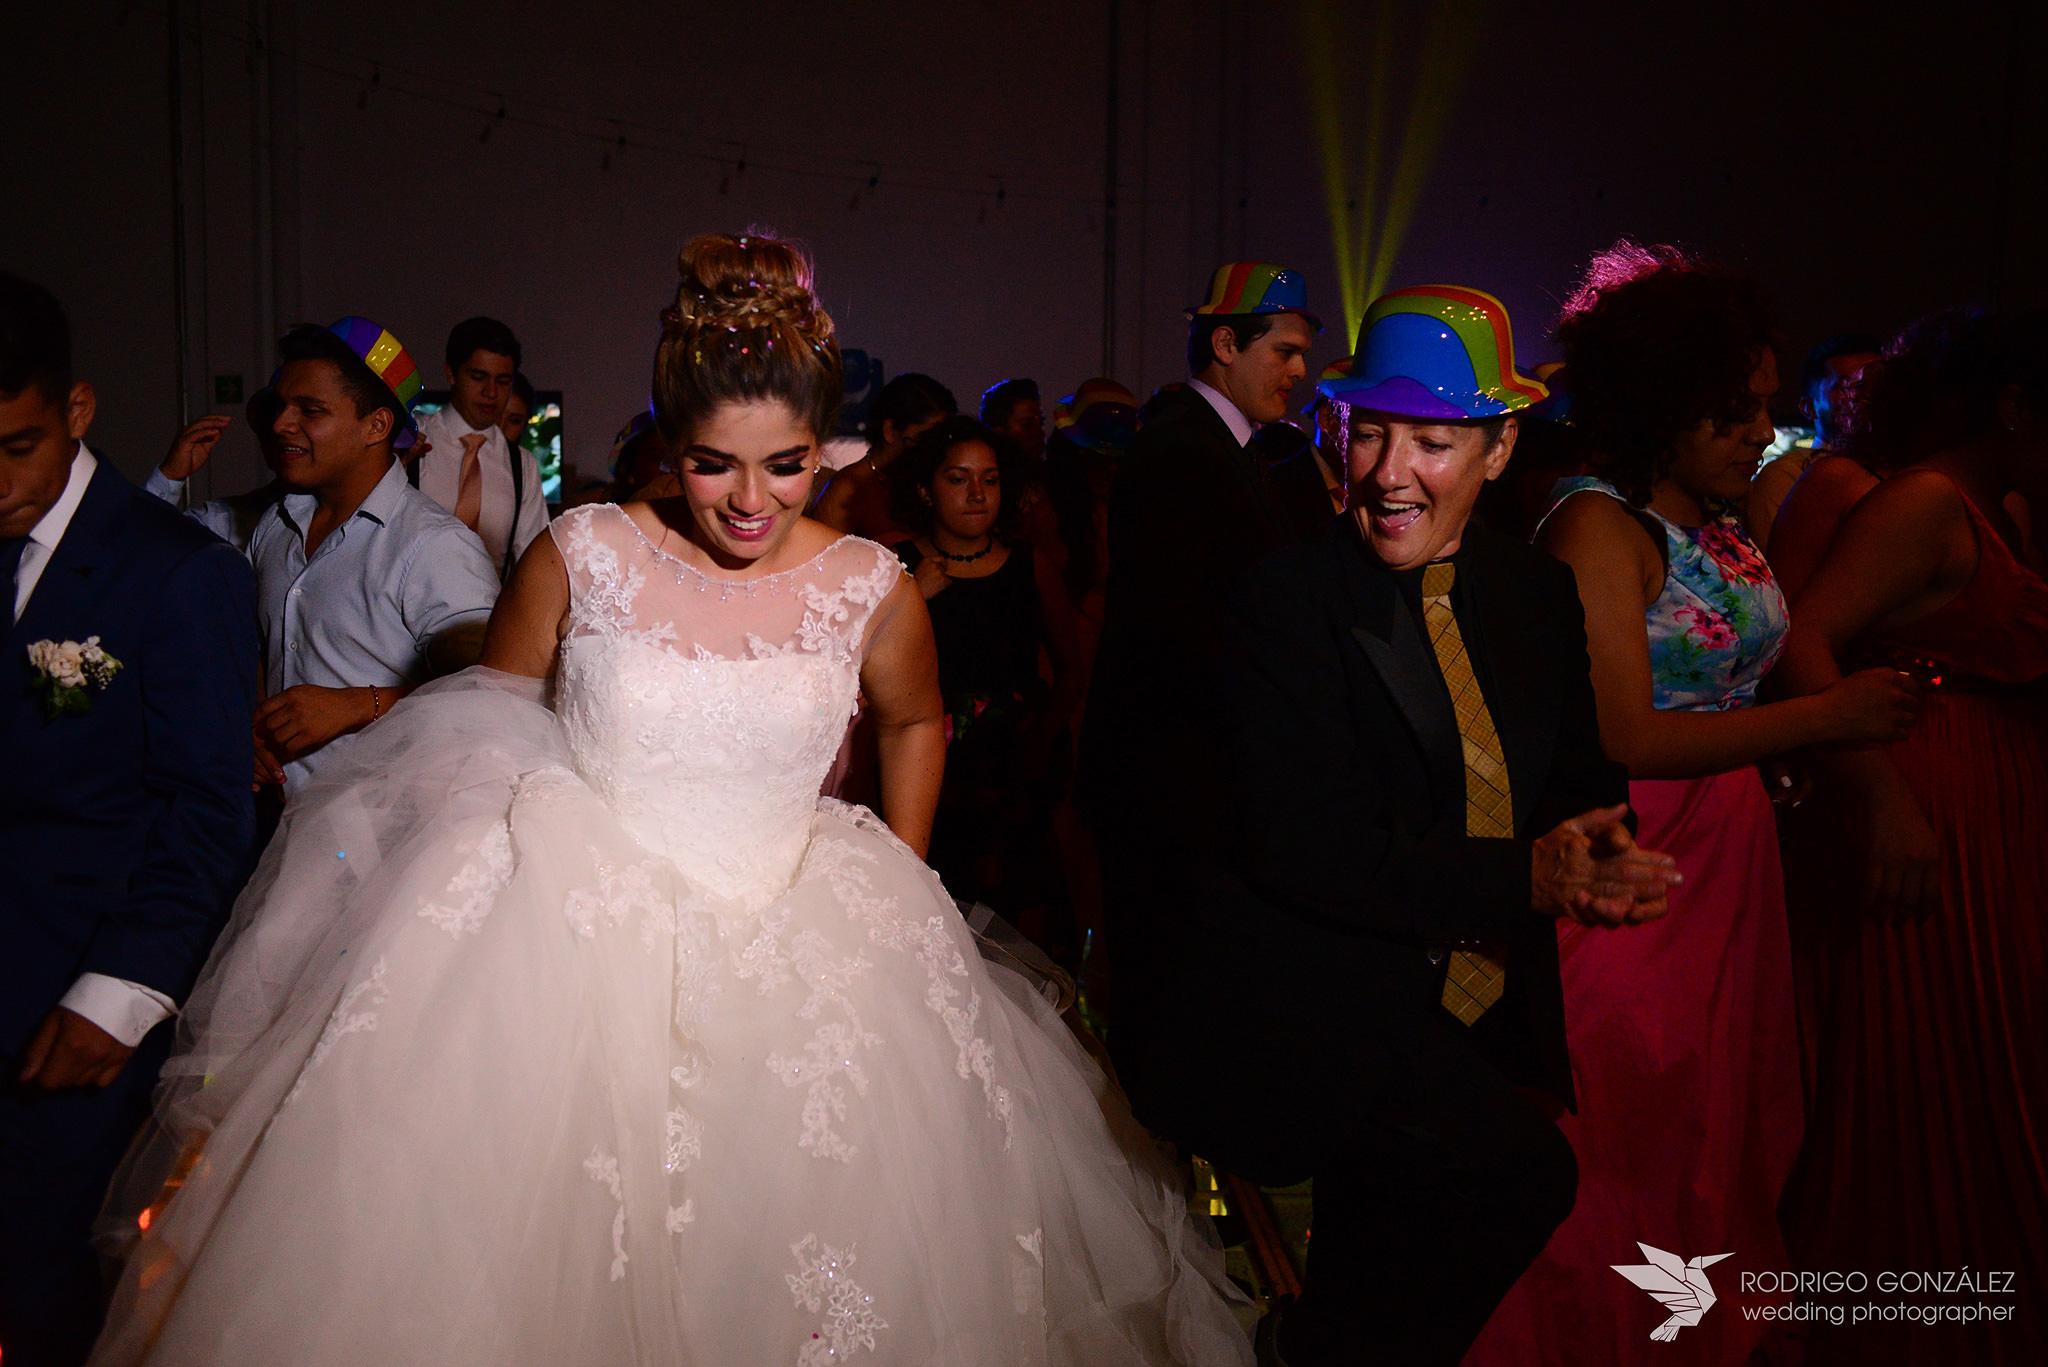 fotografos-de-bodas-en-puebla-1185